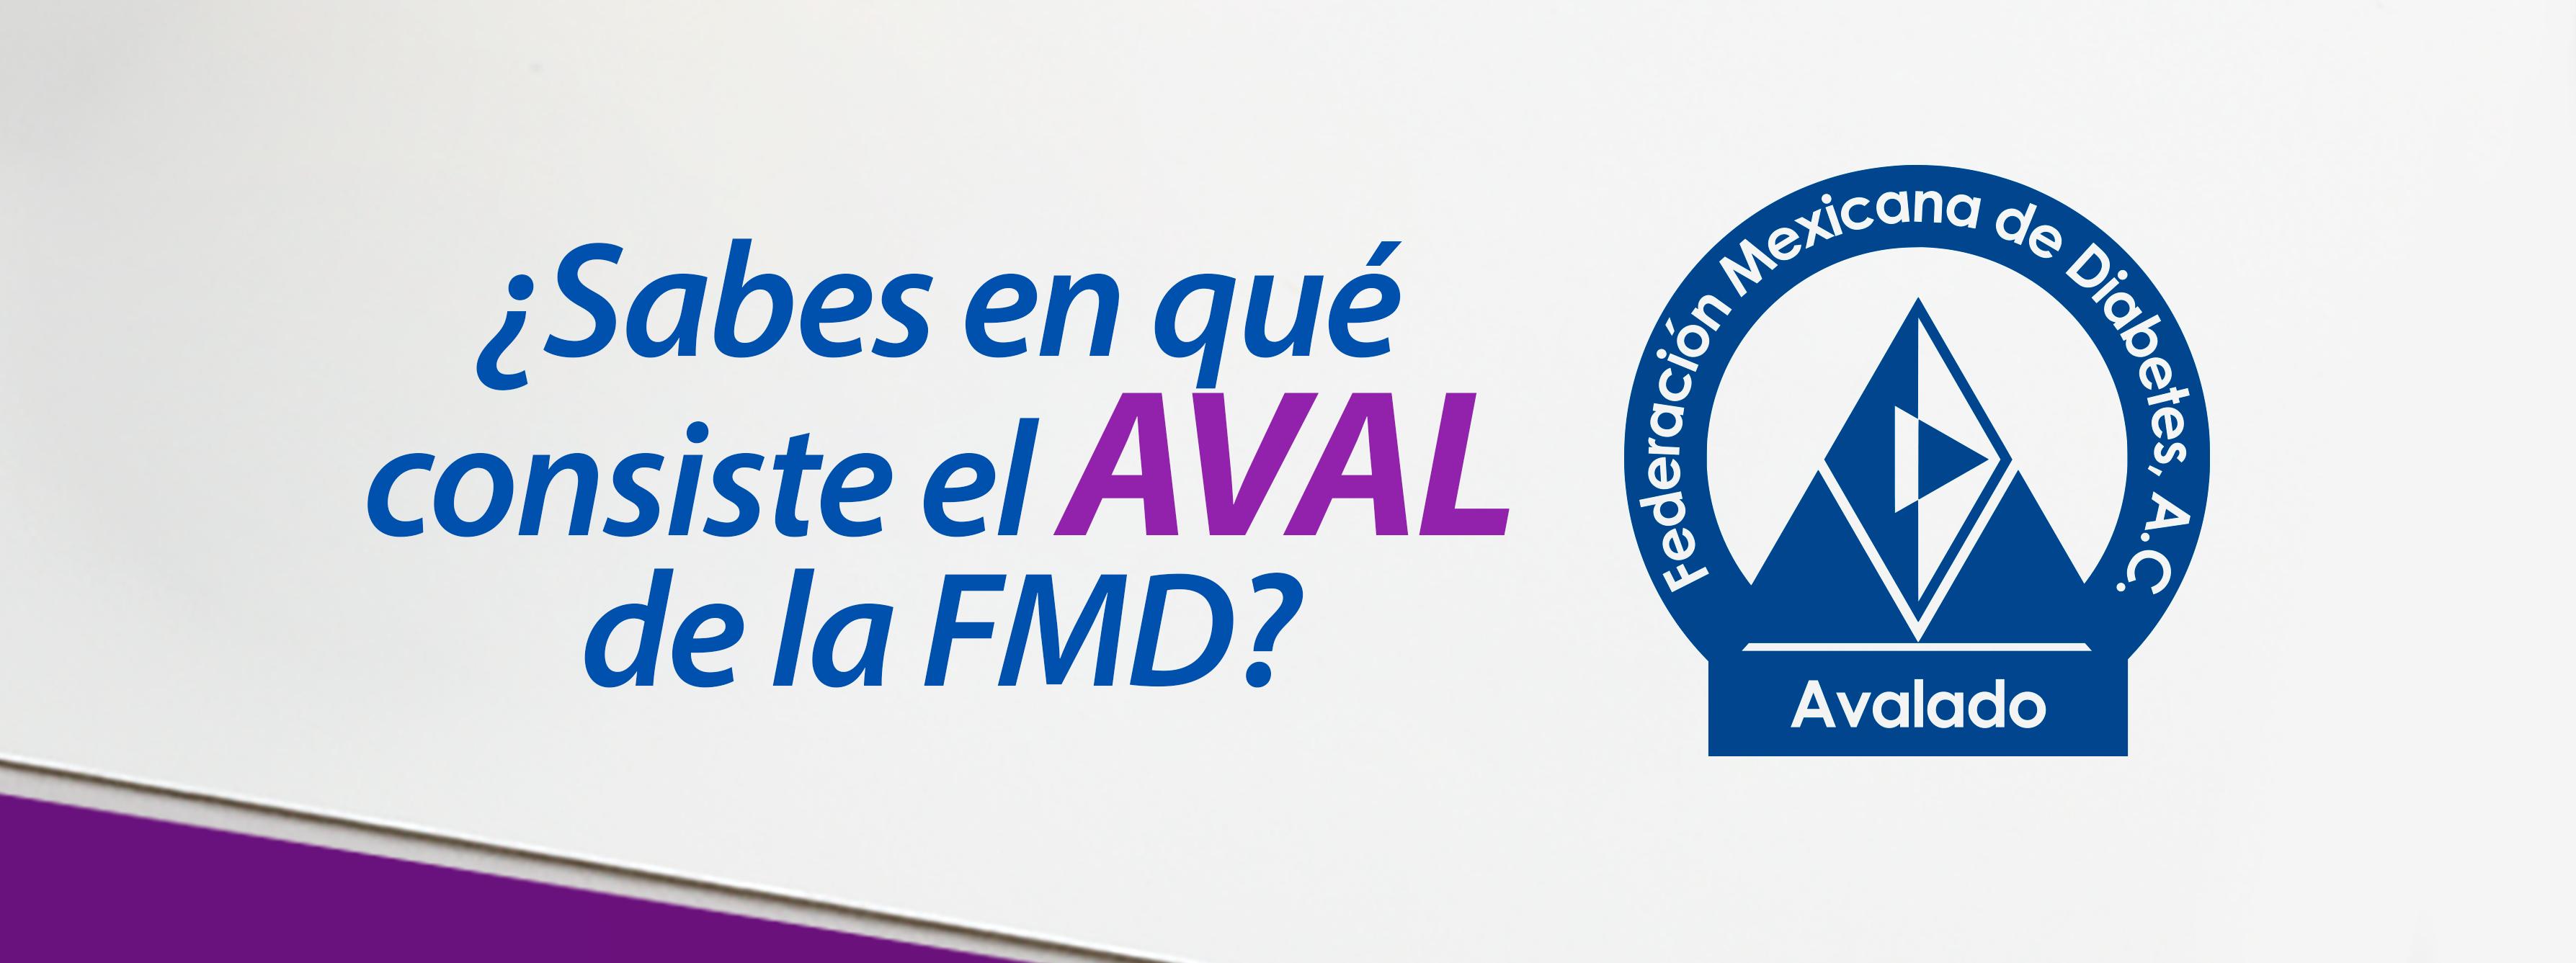 ¿Sabes en qué consiste el aval de la FMD?